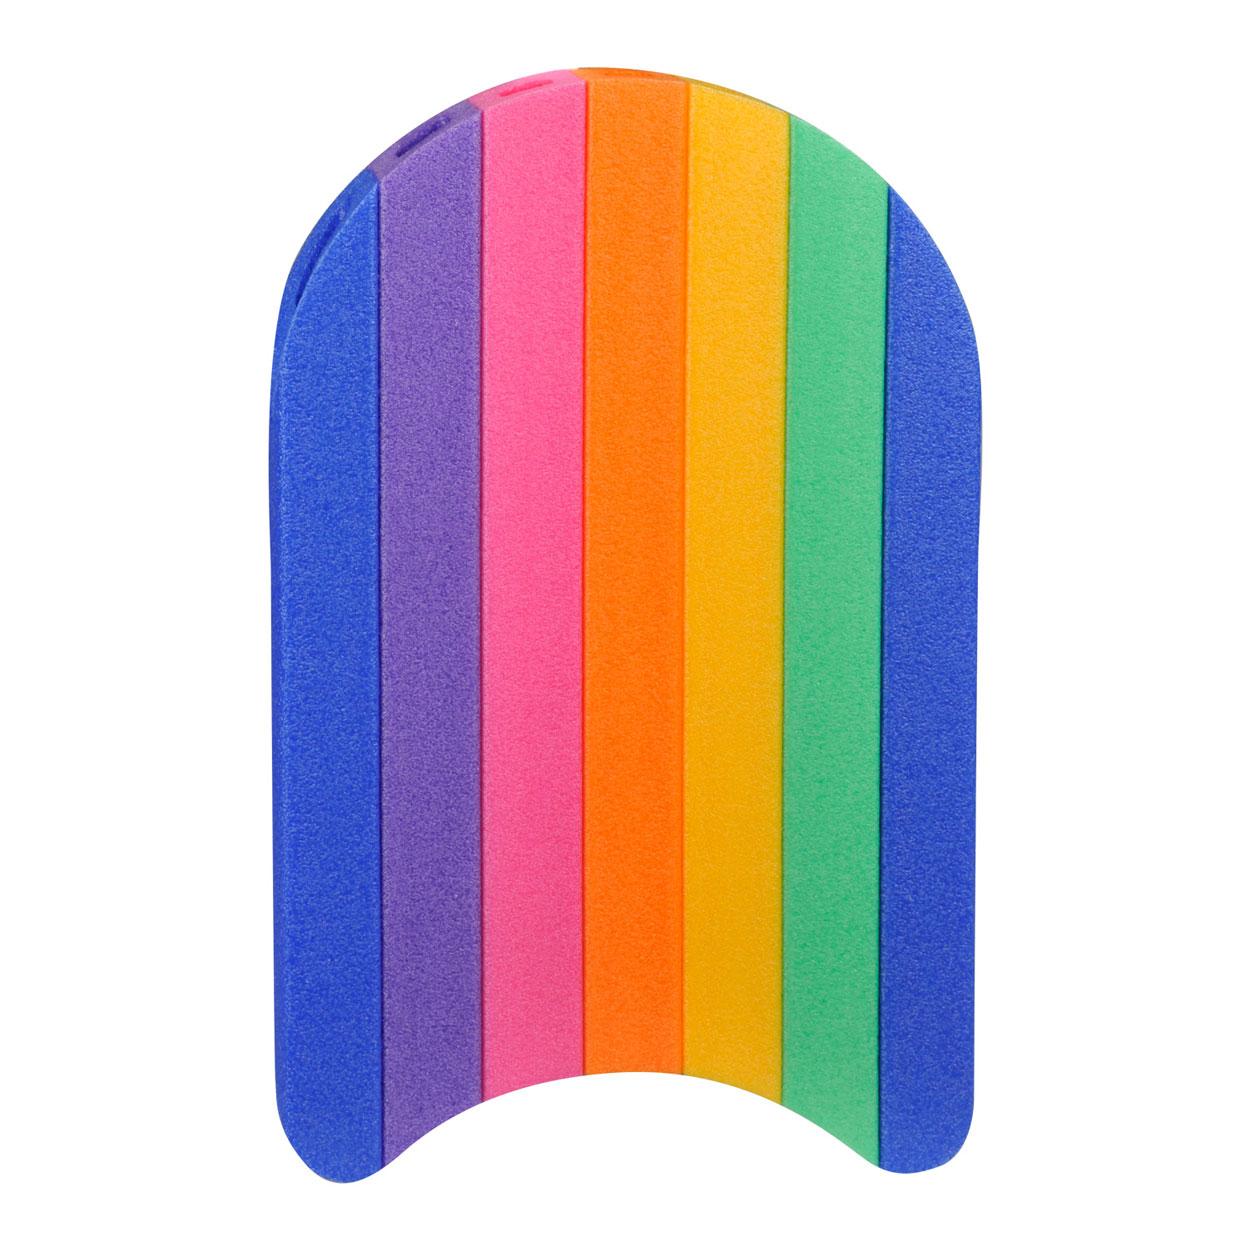 Billede af Kickboard - regnbue